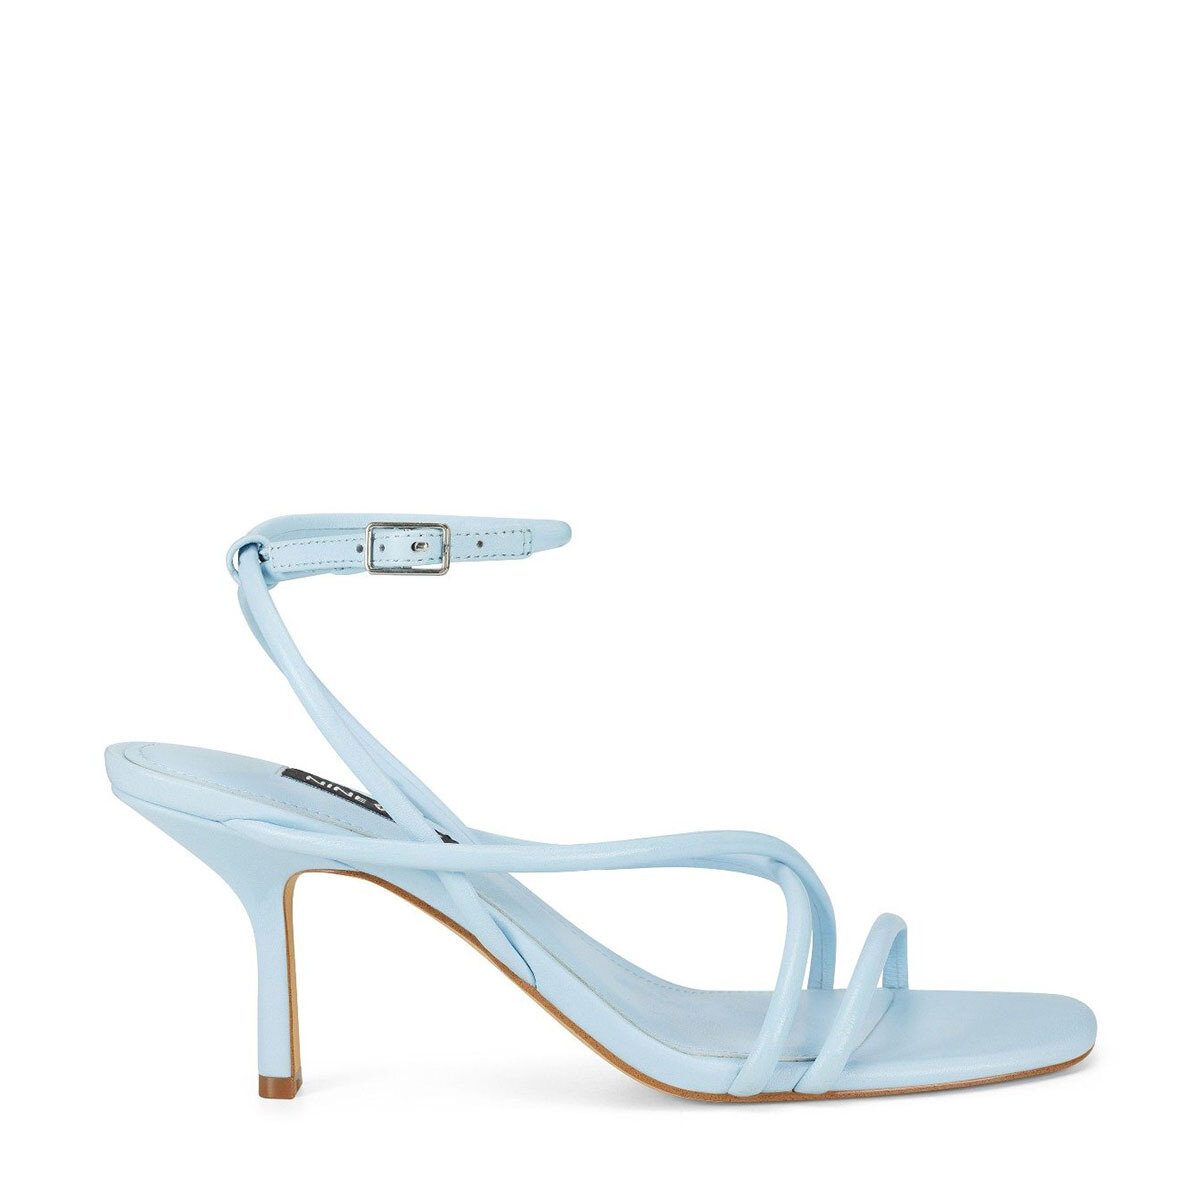 NOLAN3 Mavi Kadın Topuklu Sandalet